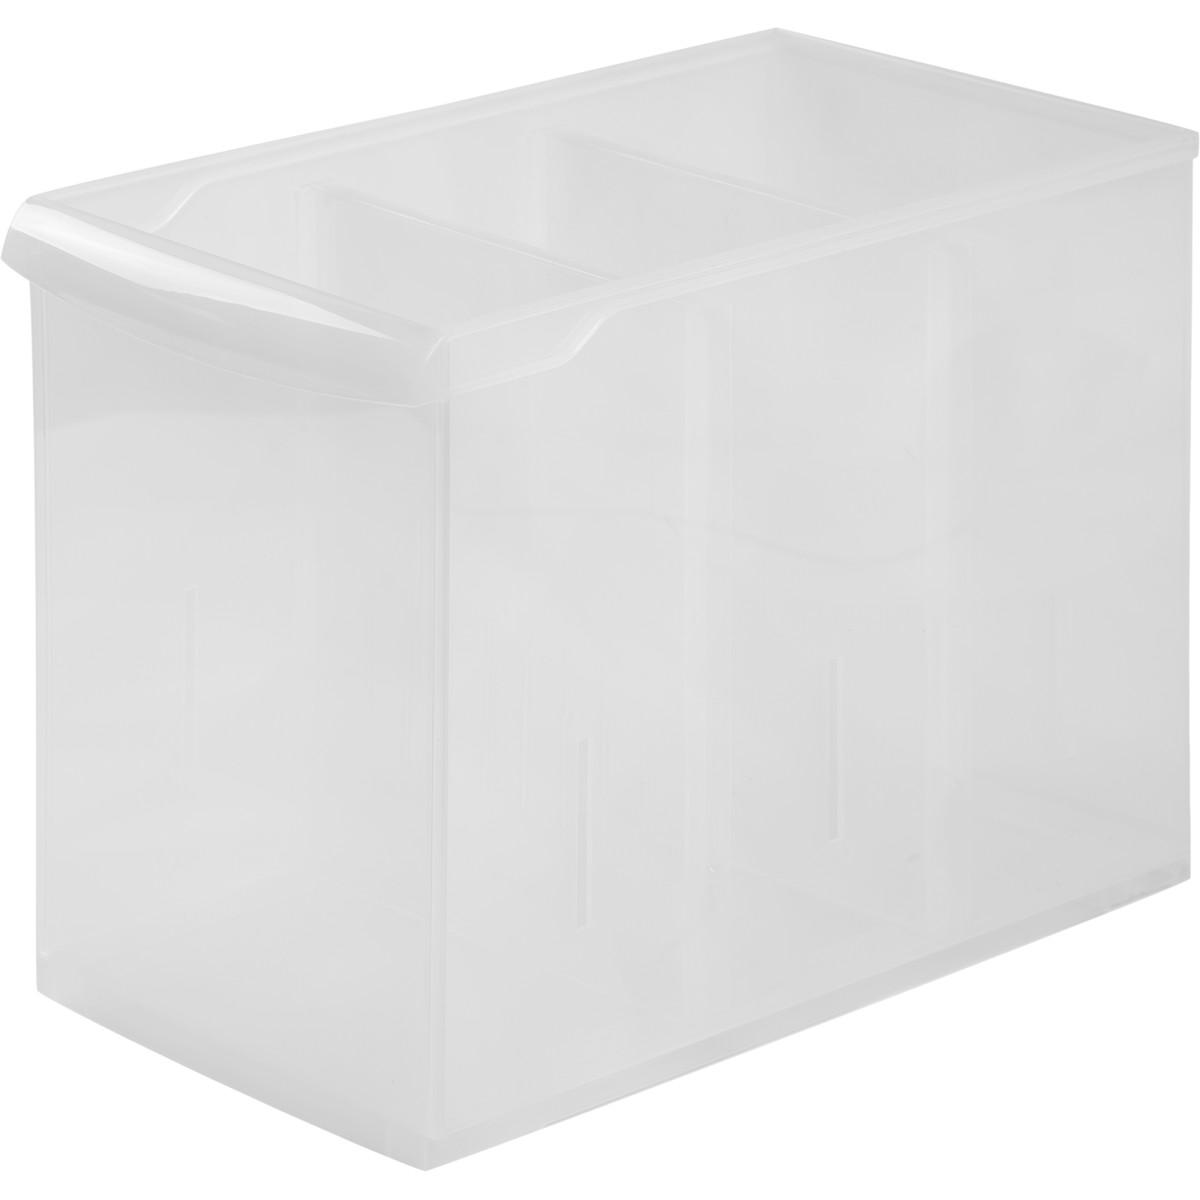 Контейнер Rolly 16.5x30.5x24.2 см 10.6 л пластик цвет прозрачный